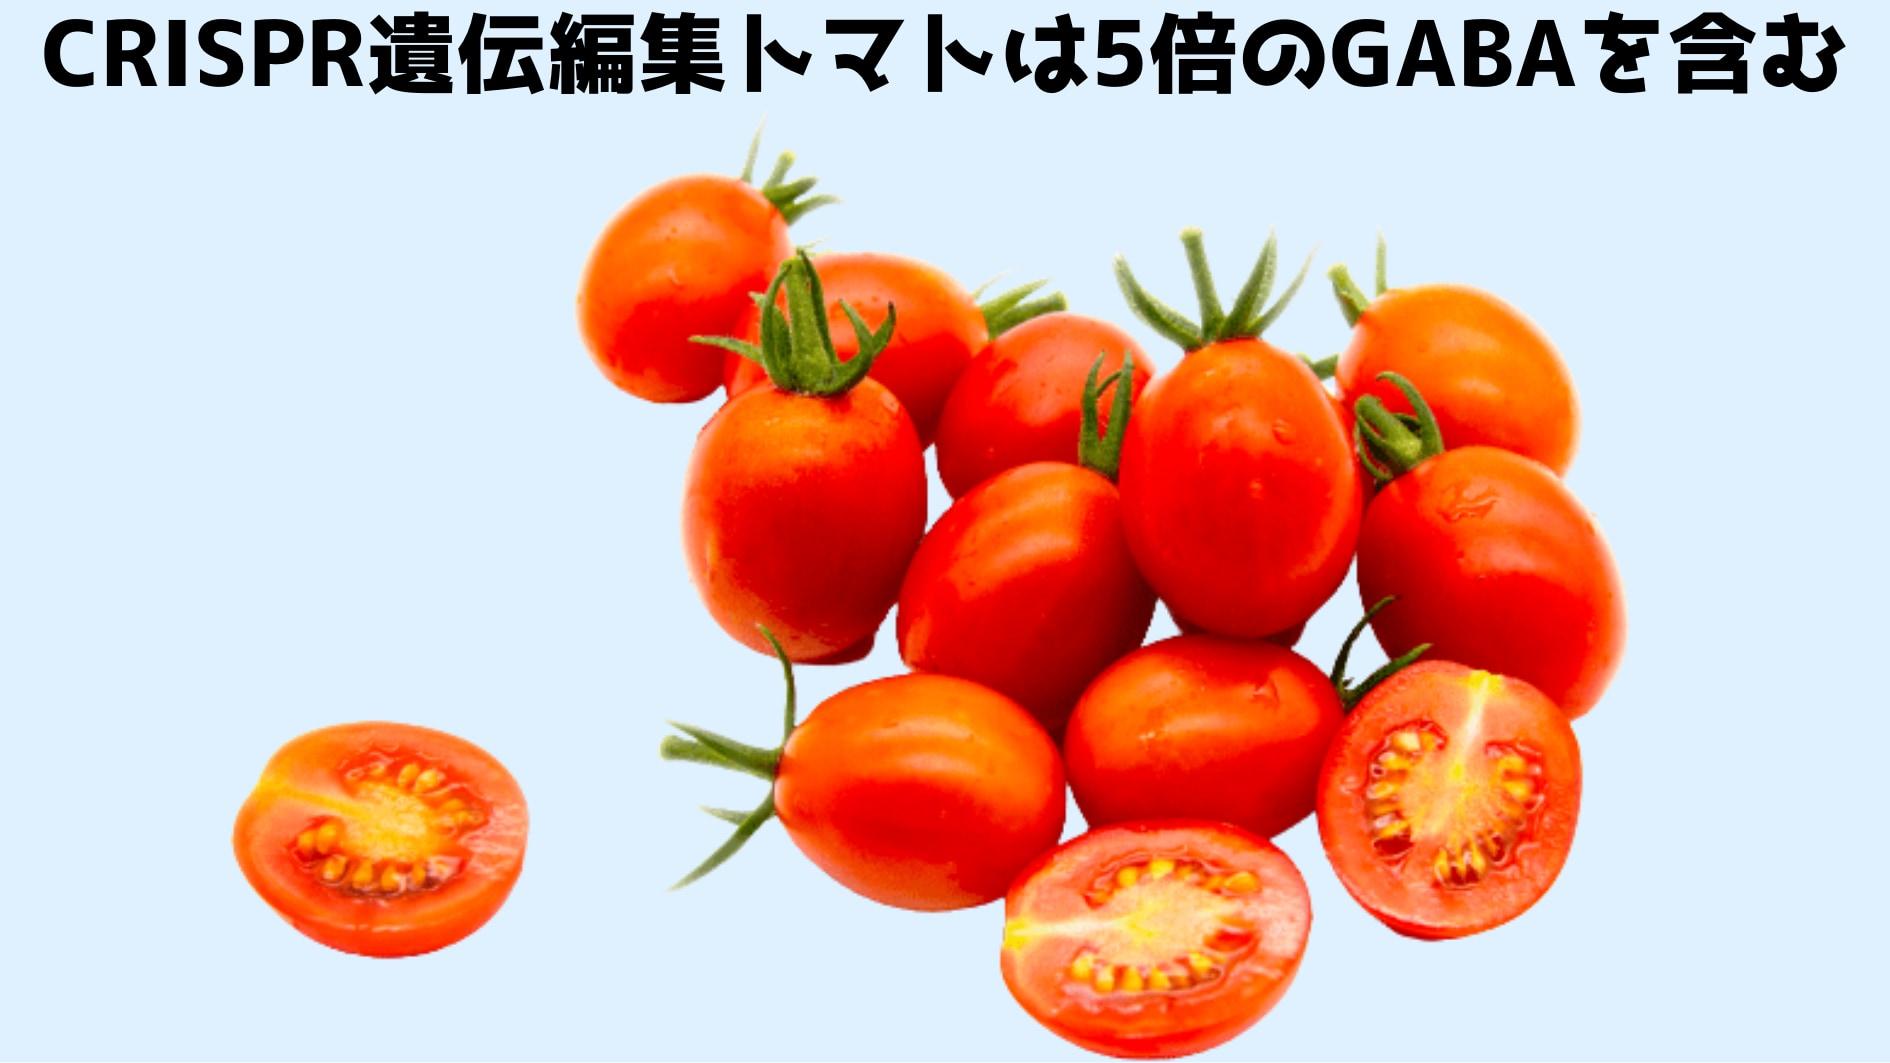 世界初! CRISPR遺伝編集トマトが日本で発売開始! 5倍のGABAを含有